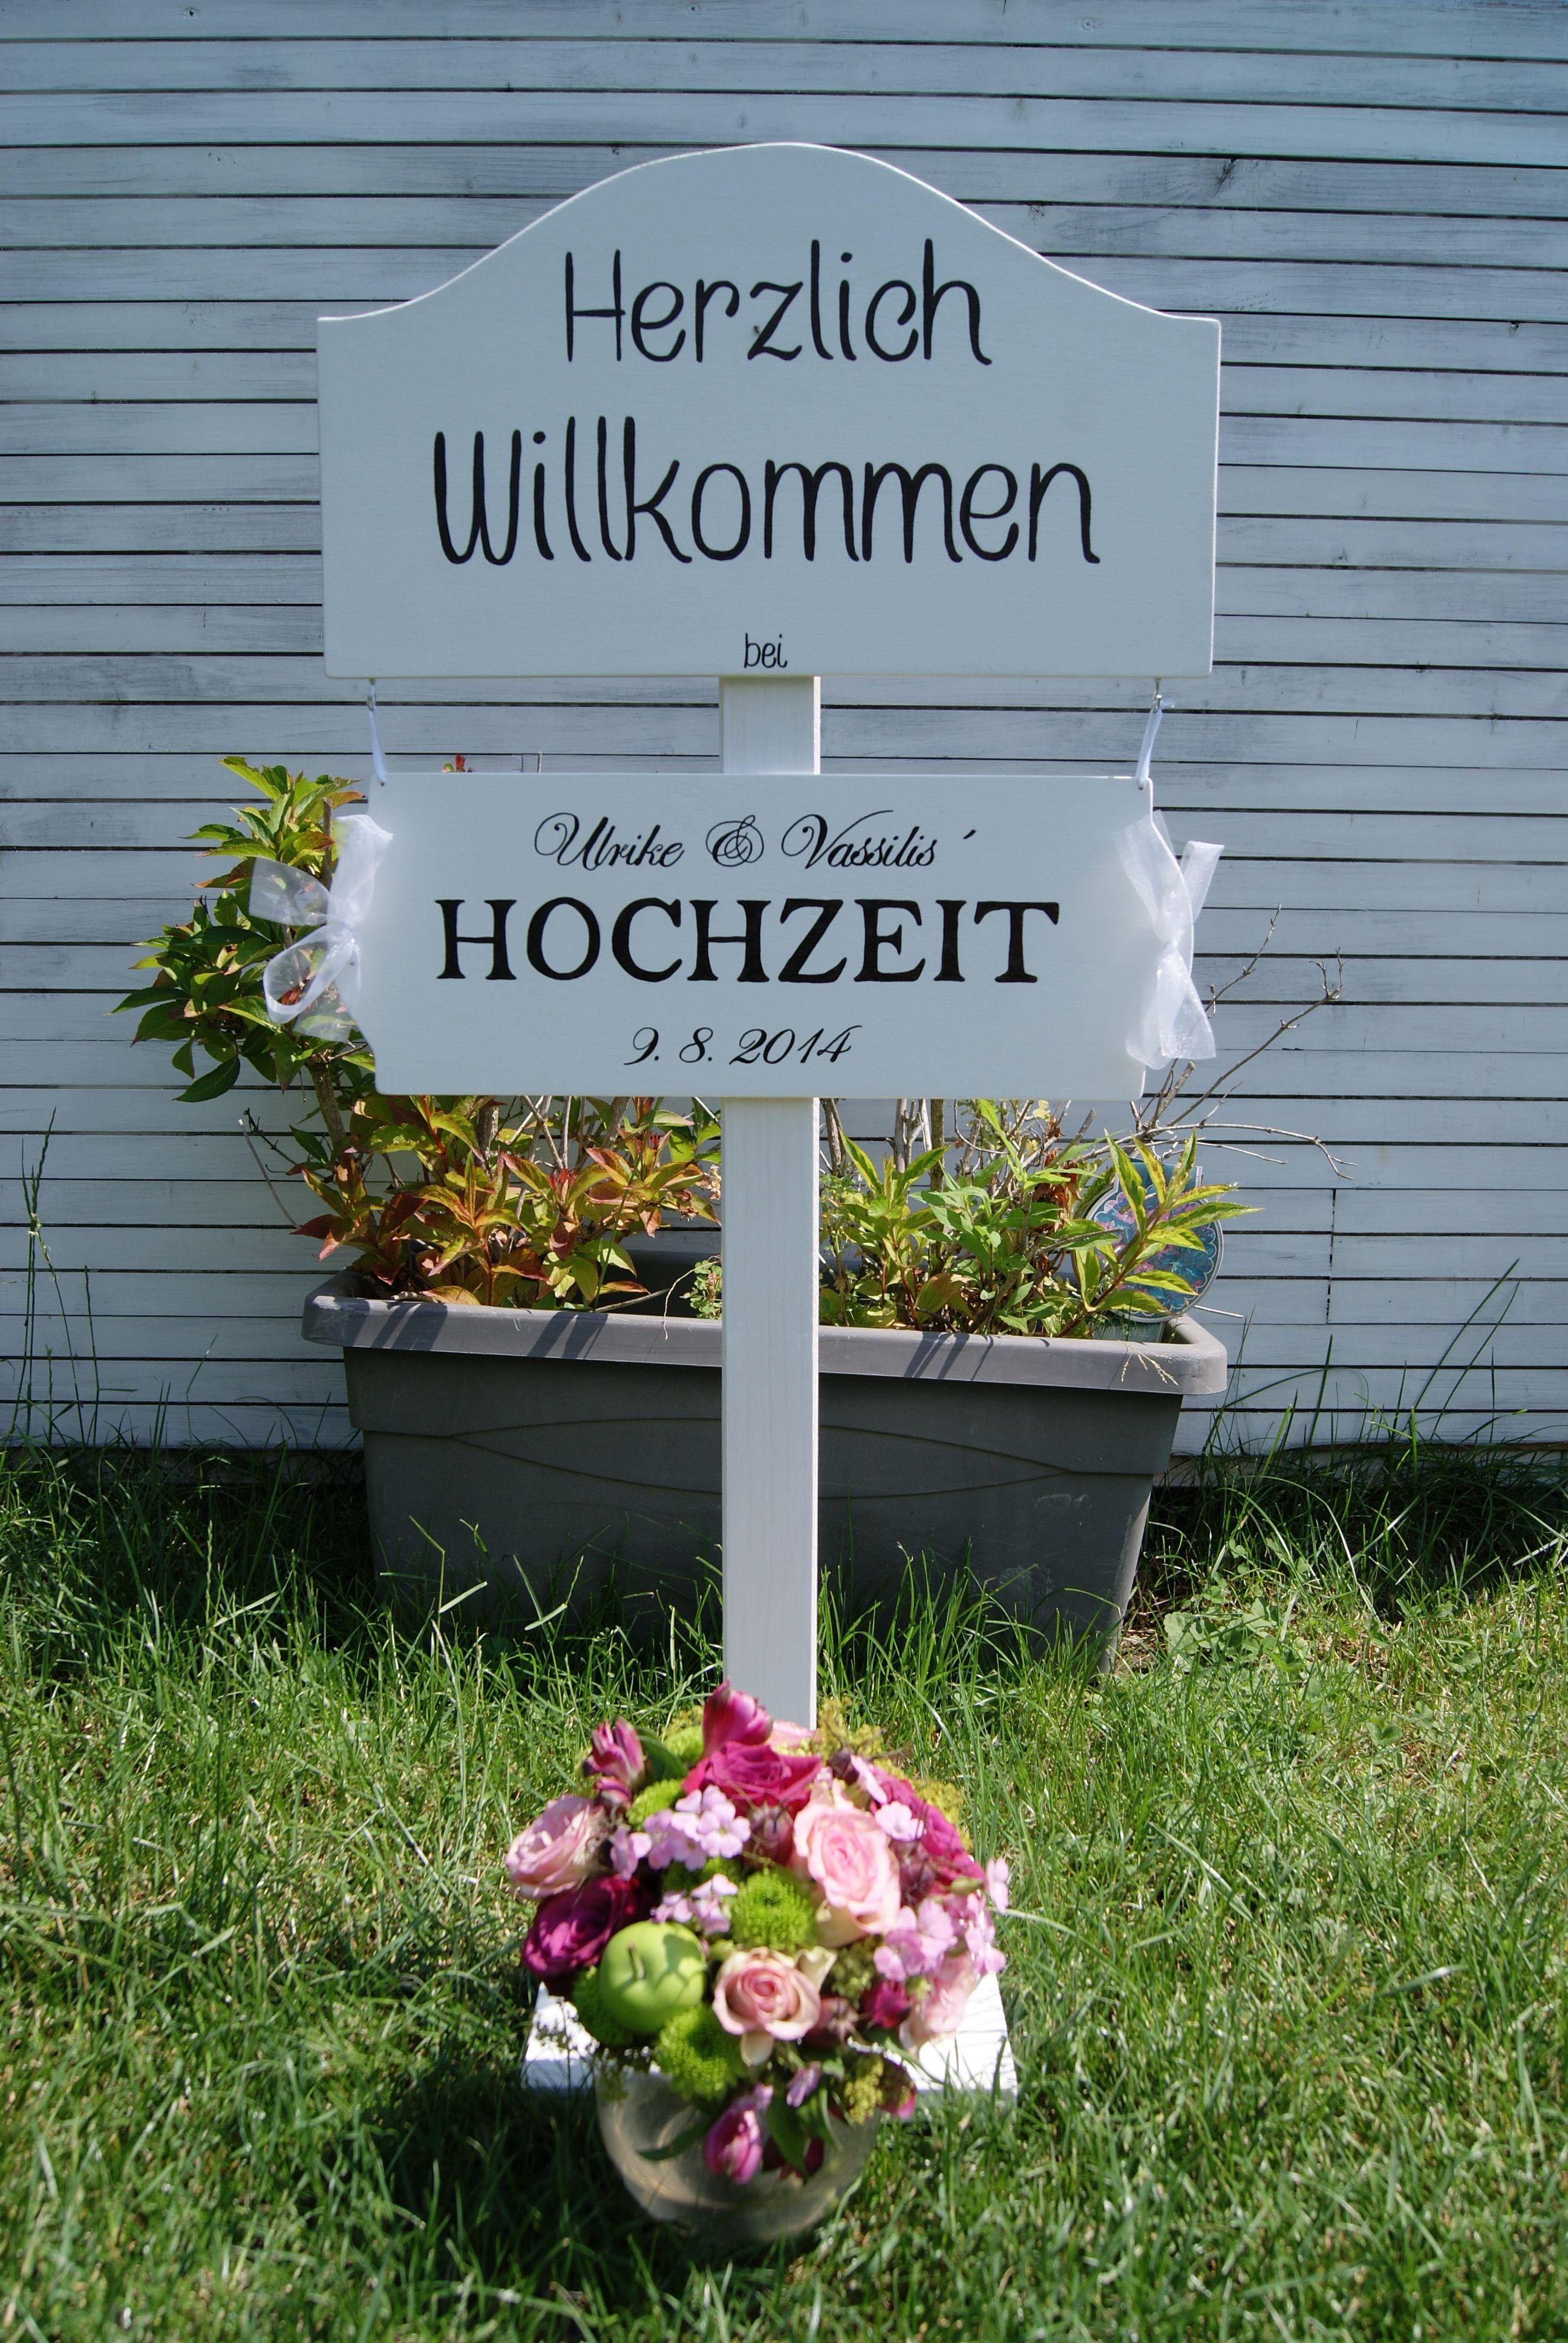 Handgemachter Willkommensständer für Hochzeit....www.meriland.at